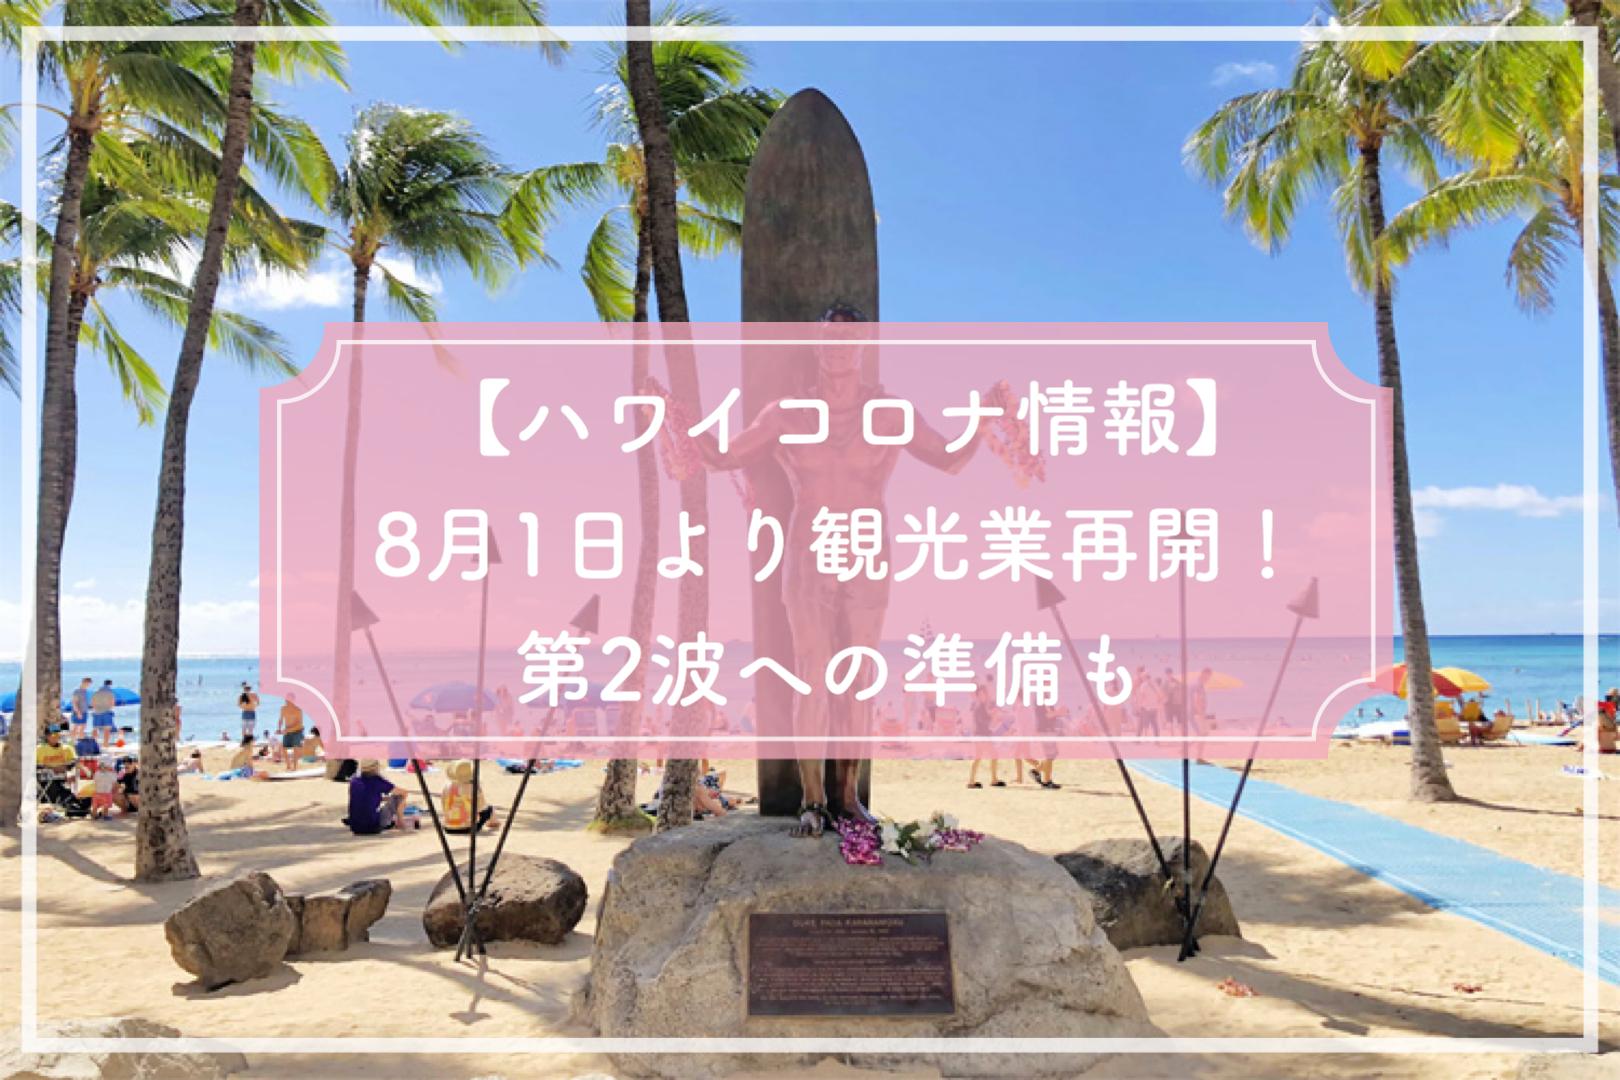 【ハワイコロナ情報】8月1日より観光業再開!第2波への準備も